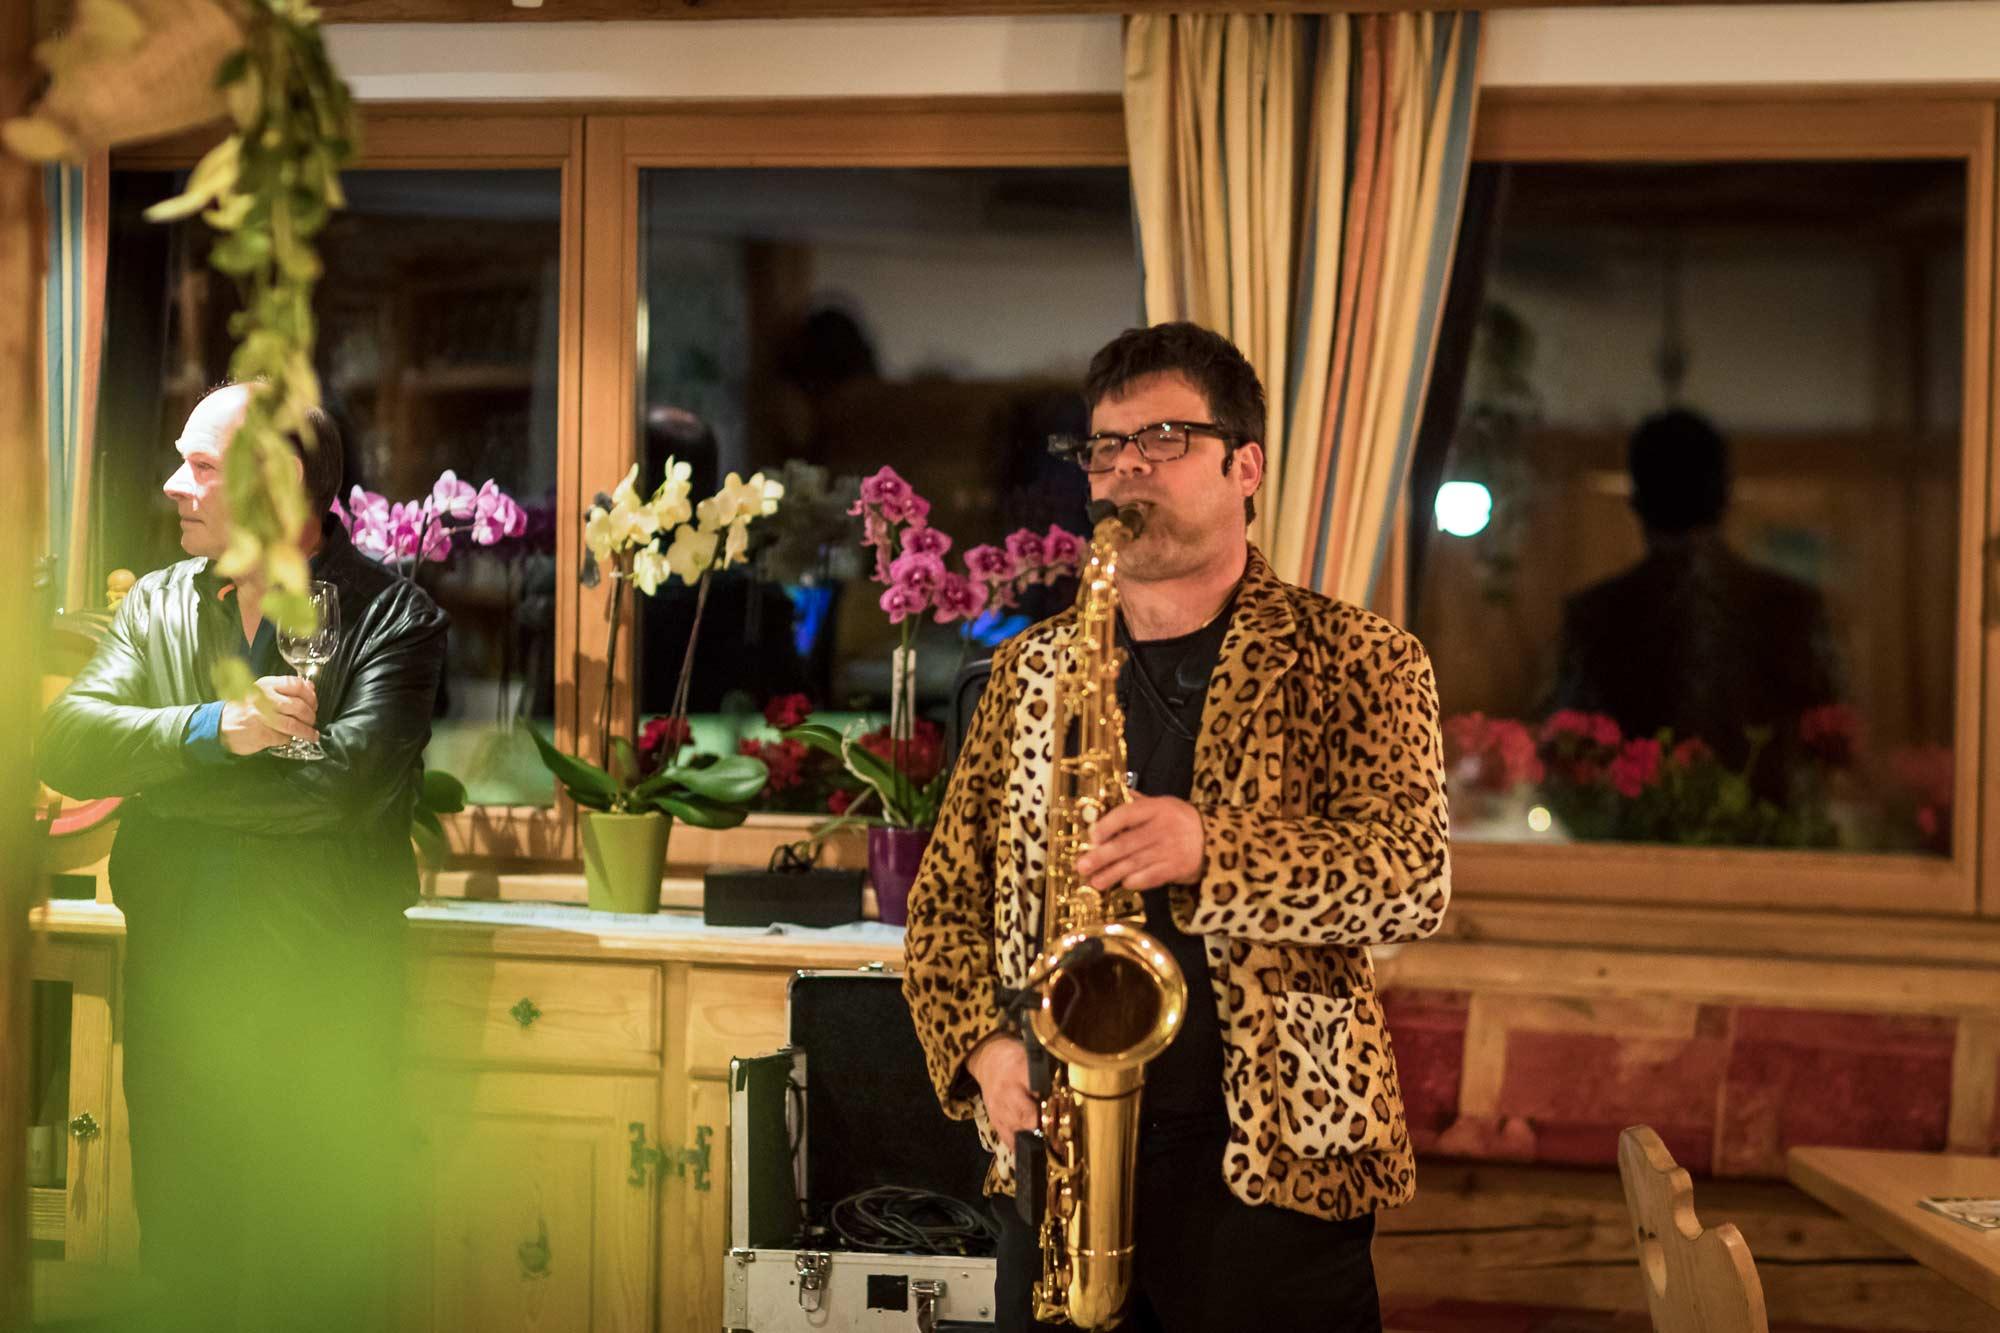 Genuss Vollmond: Gastronomischer Themenabend im November mit Live-Musik